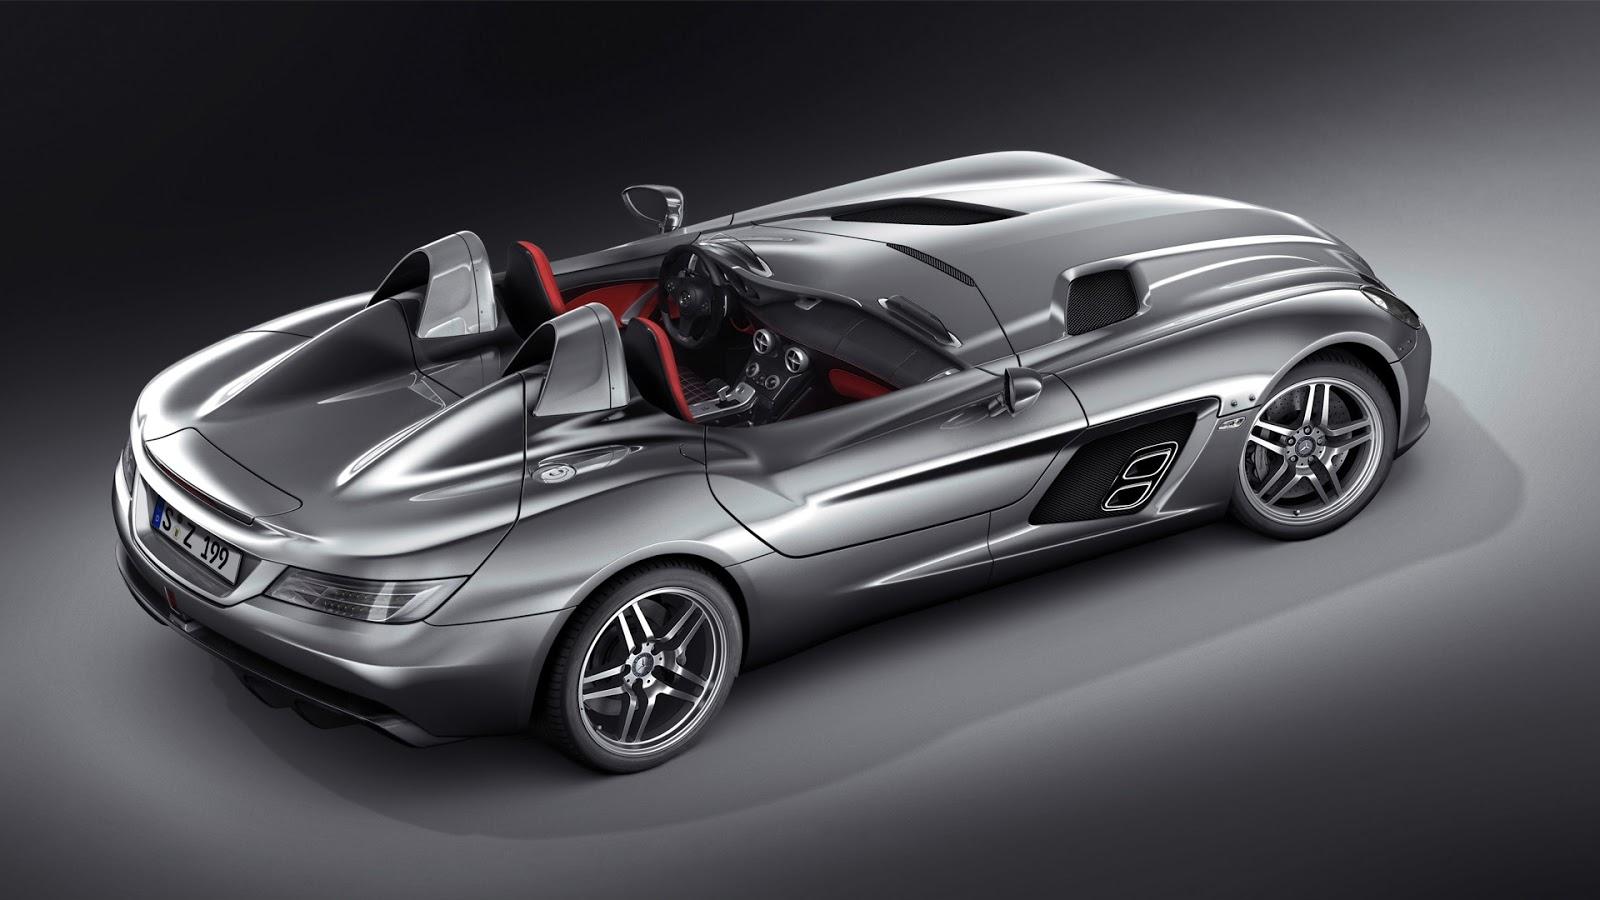 Las Mejores Imagenes de Autos Para Descargar SUPER AUTOS